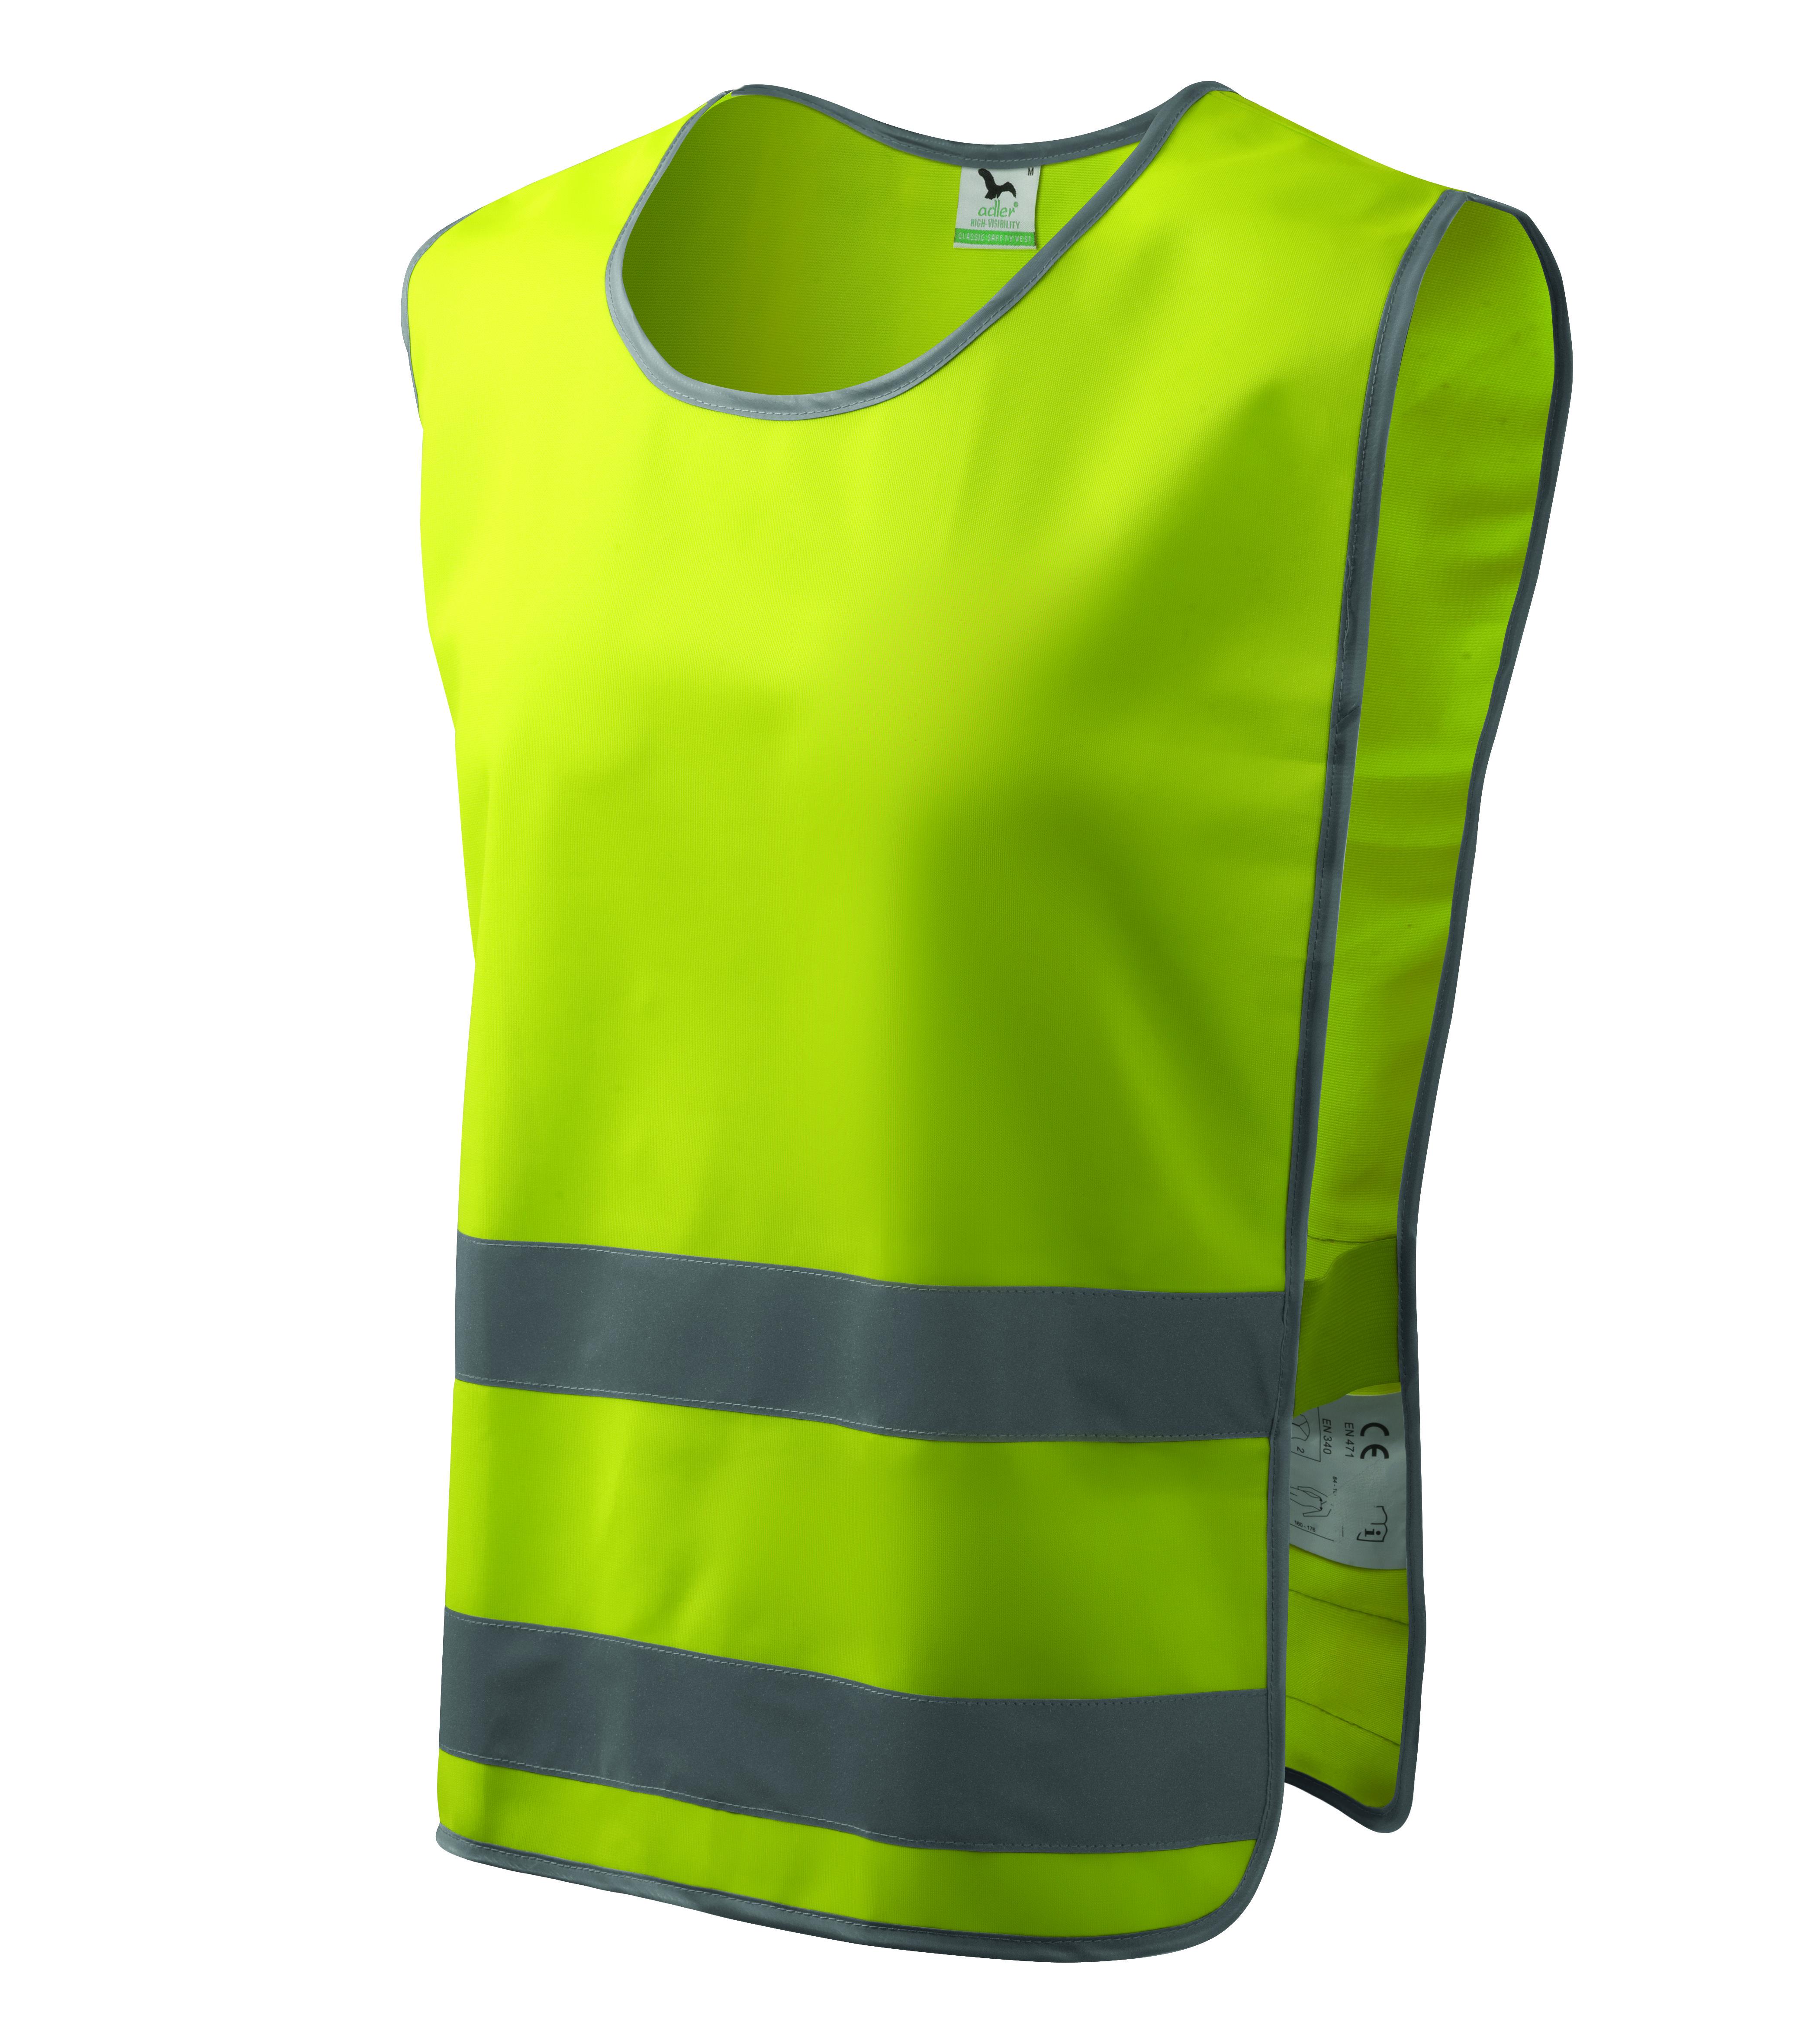 Żółta kamizelka odblaskowa Classic Safety Vest